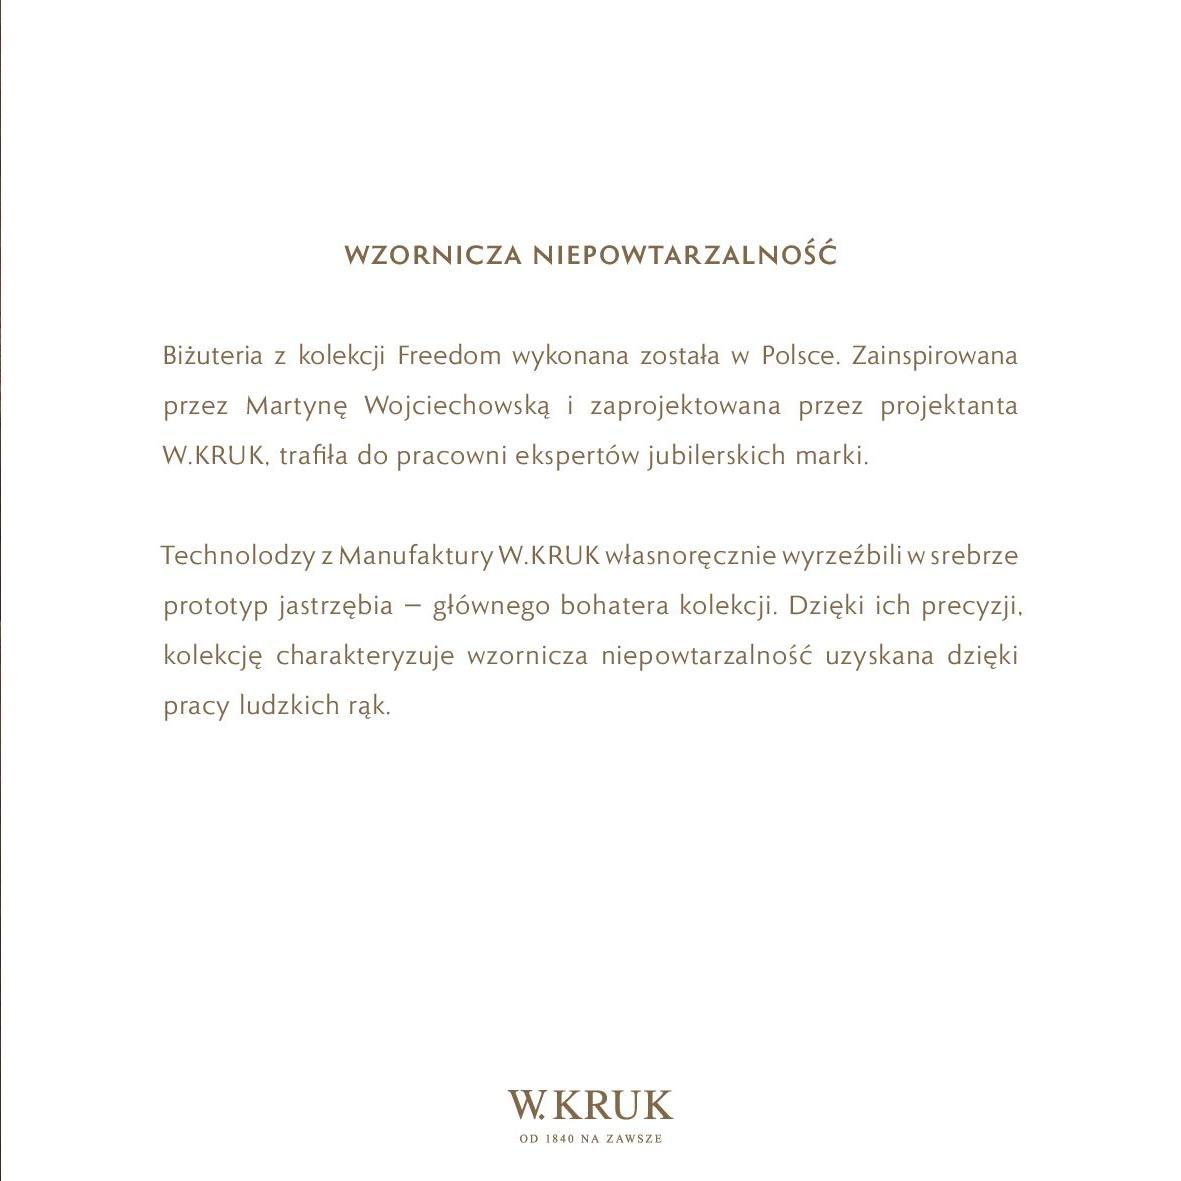 Gazetka W. KRUK: Katalog - Kolekcja Freedom 2021-02-17 page-43